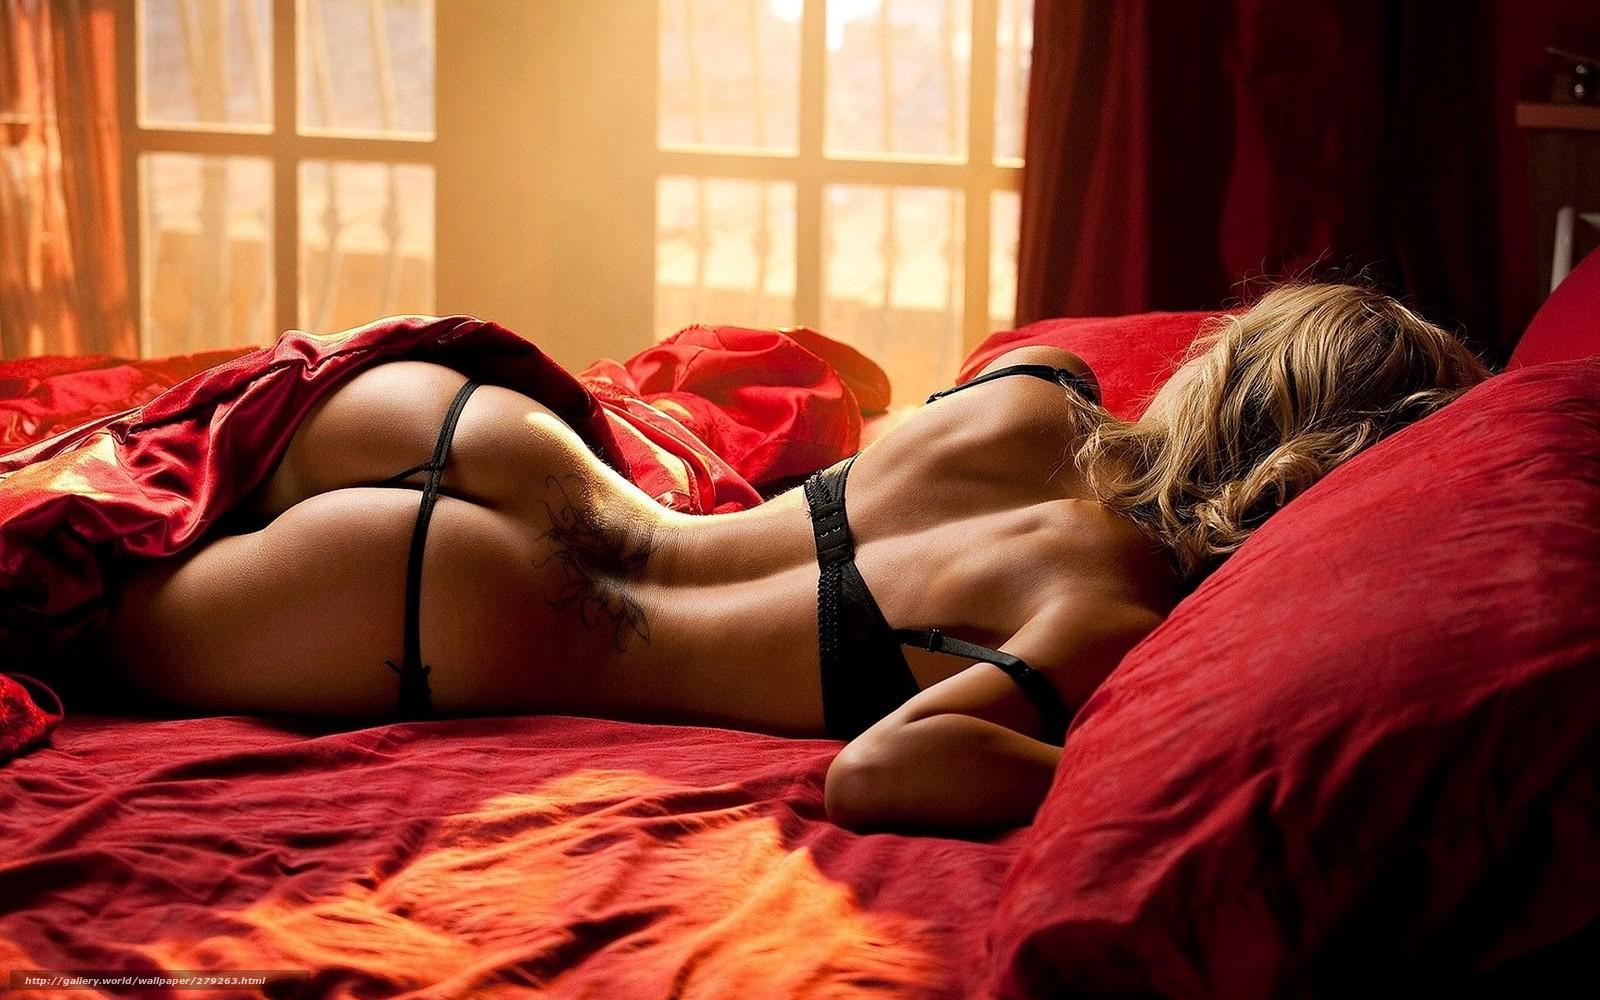 Самые красивые девушки мира чтобы сней занятся сексом фото голые 8 фотография